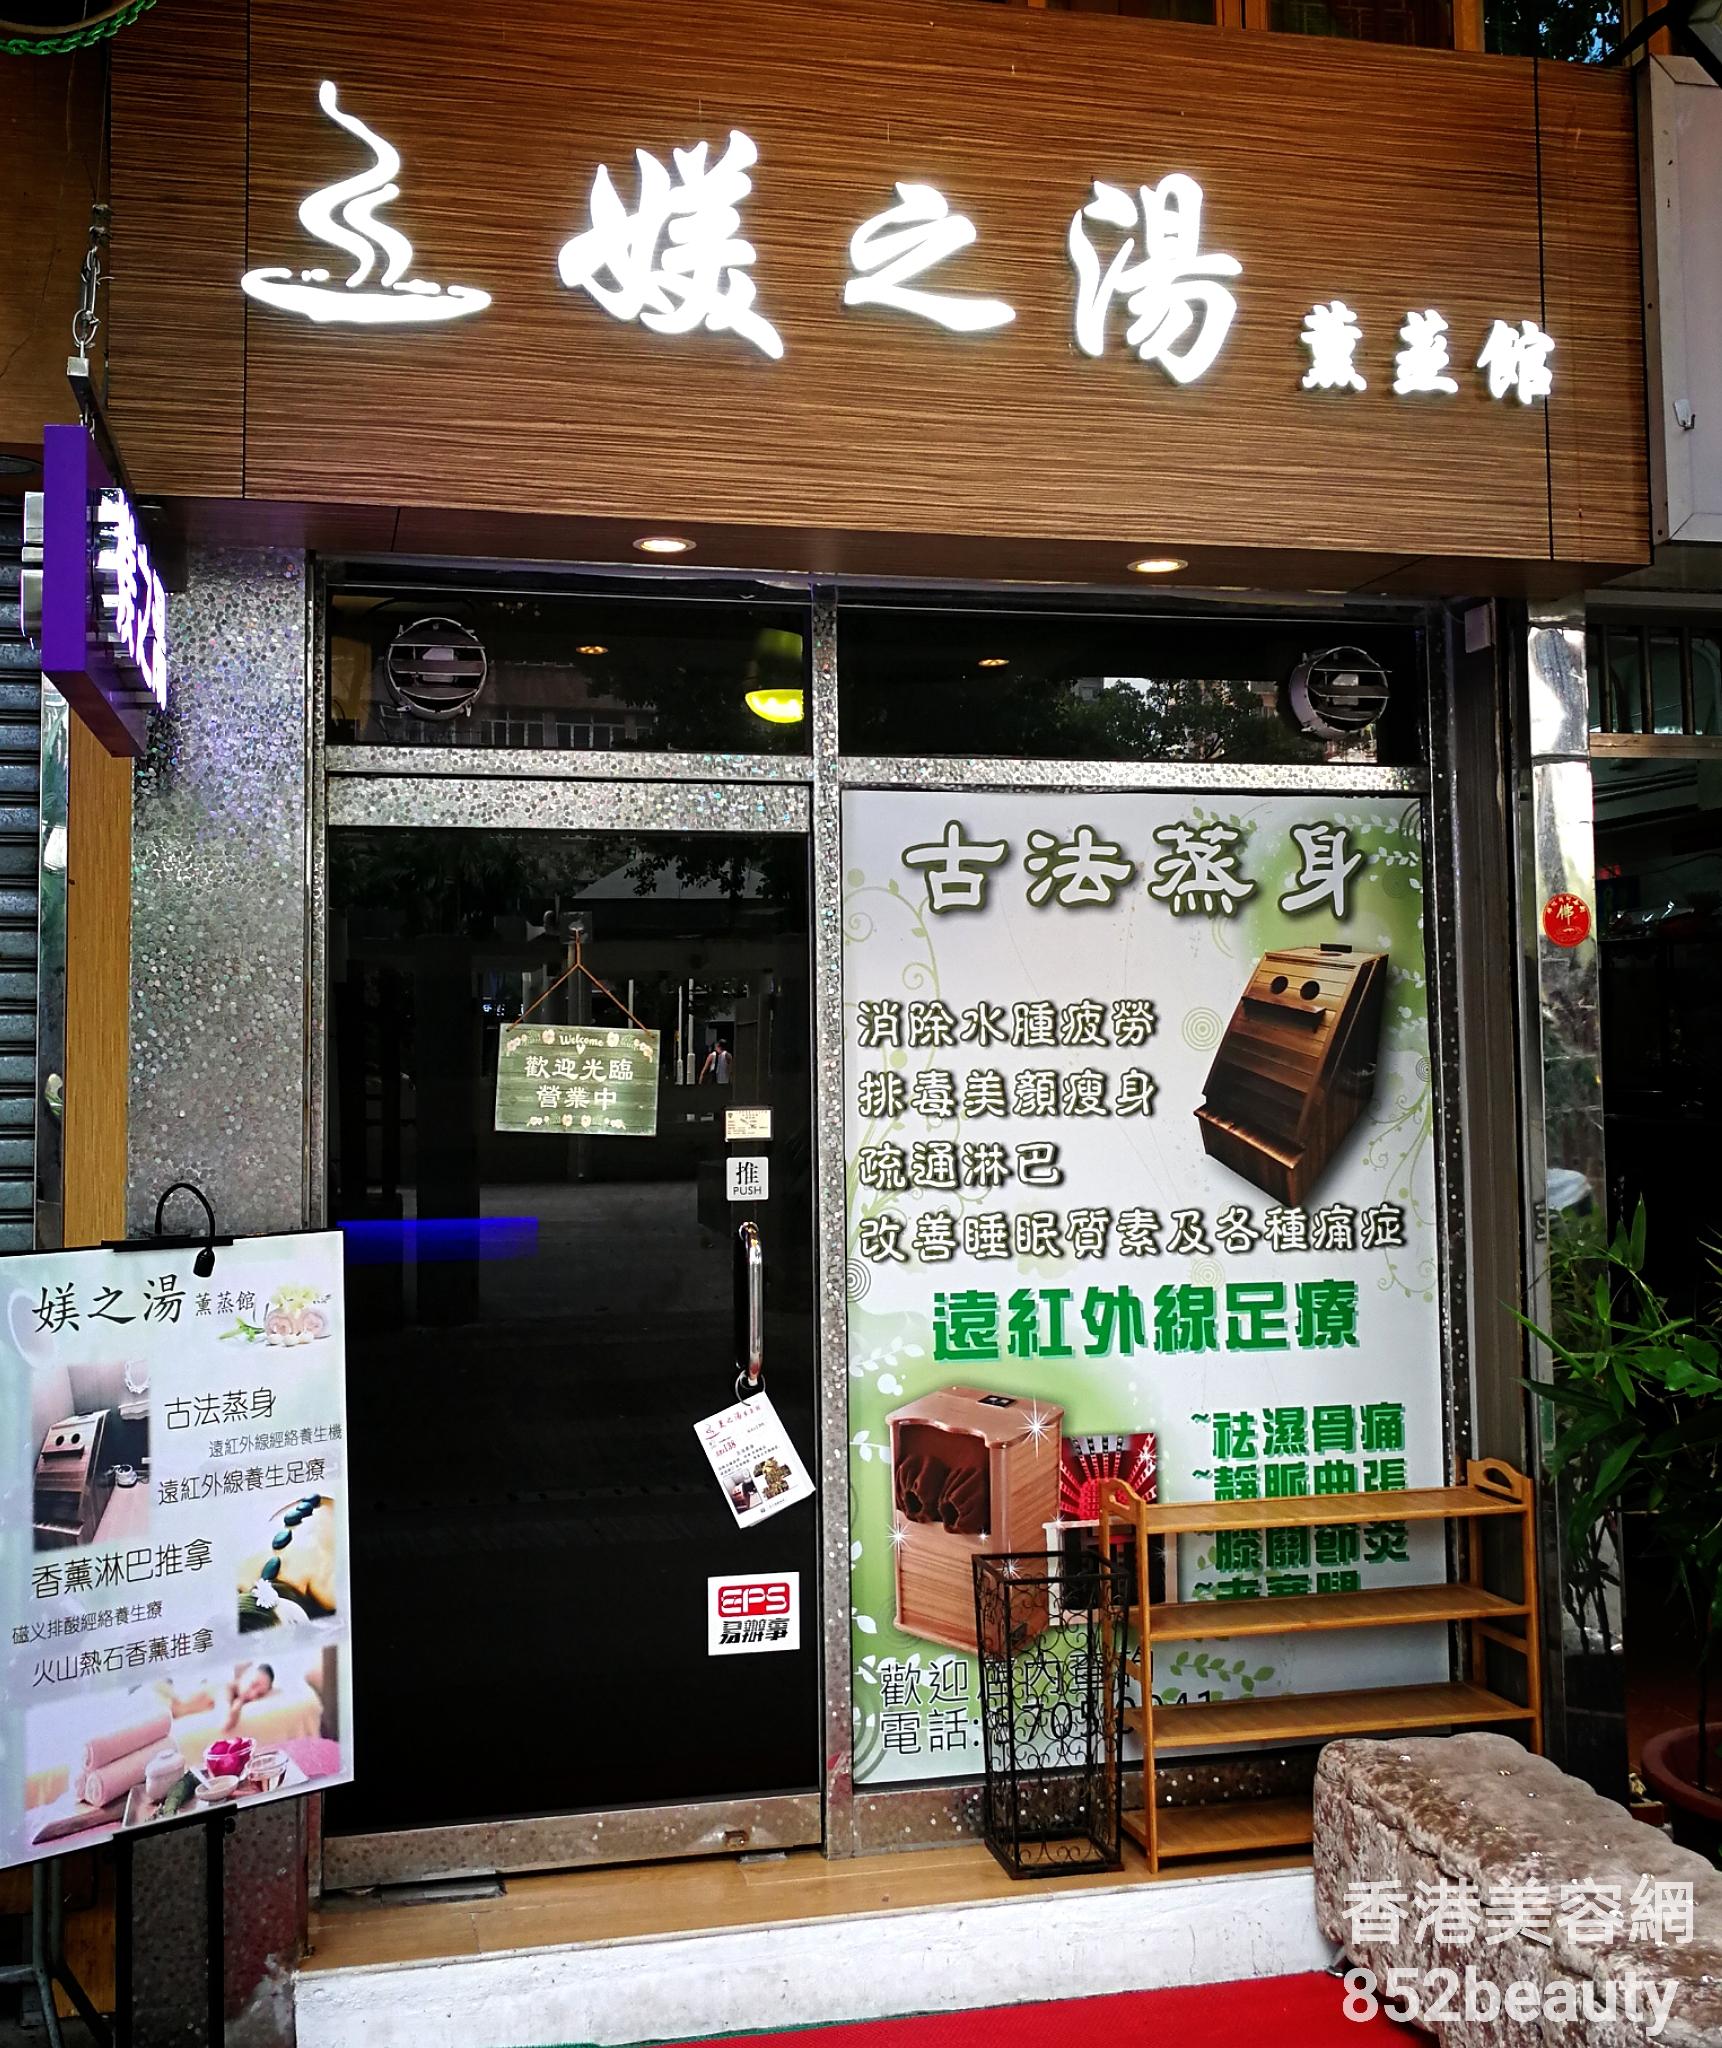 香港美容院 美容師 : 媄之湯 薰蒸館 @青年創業軍